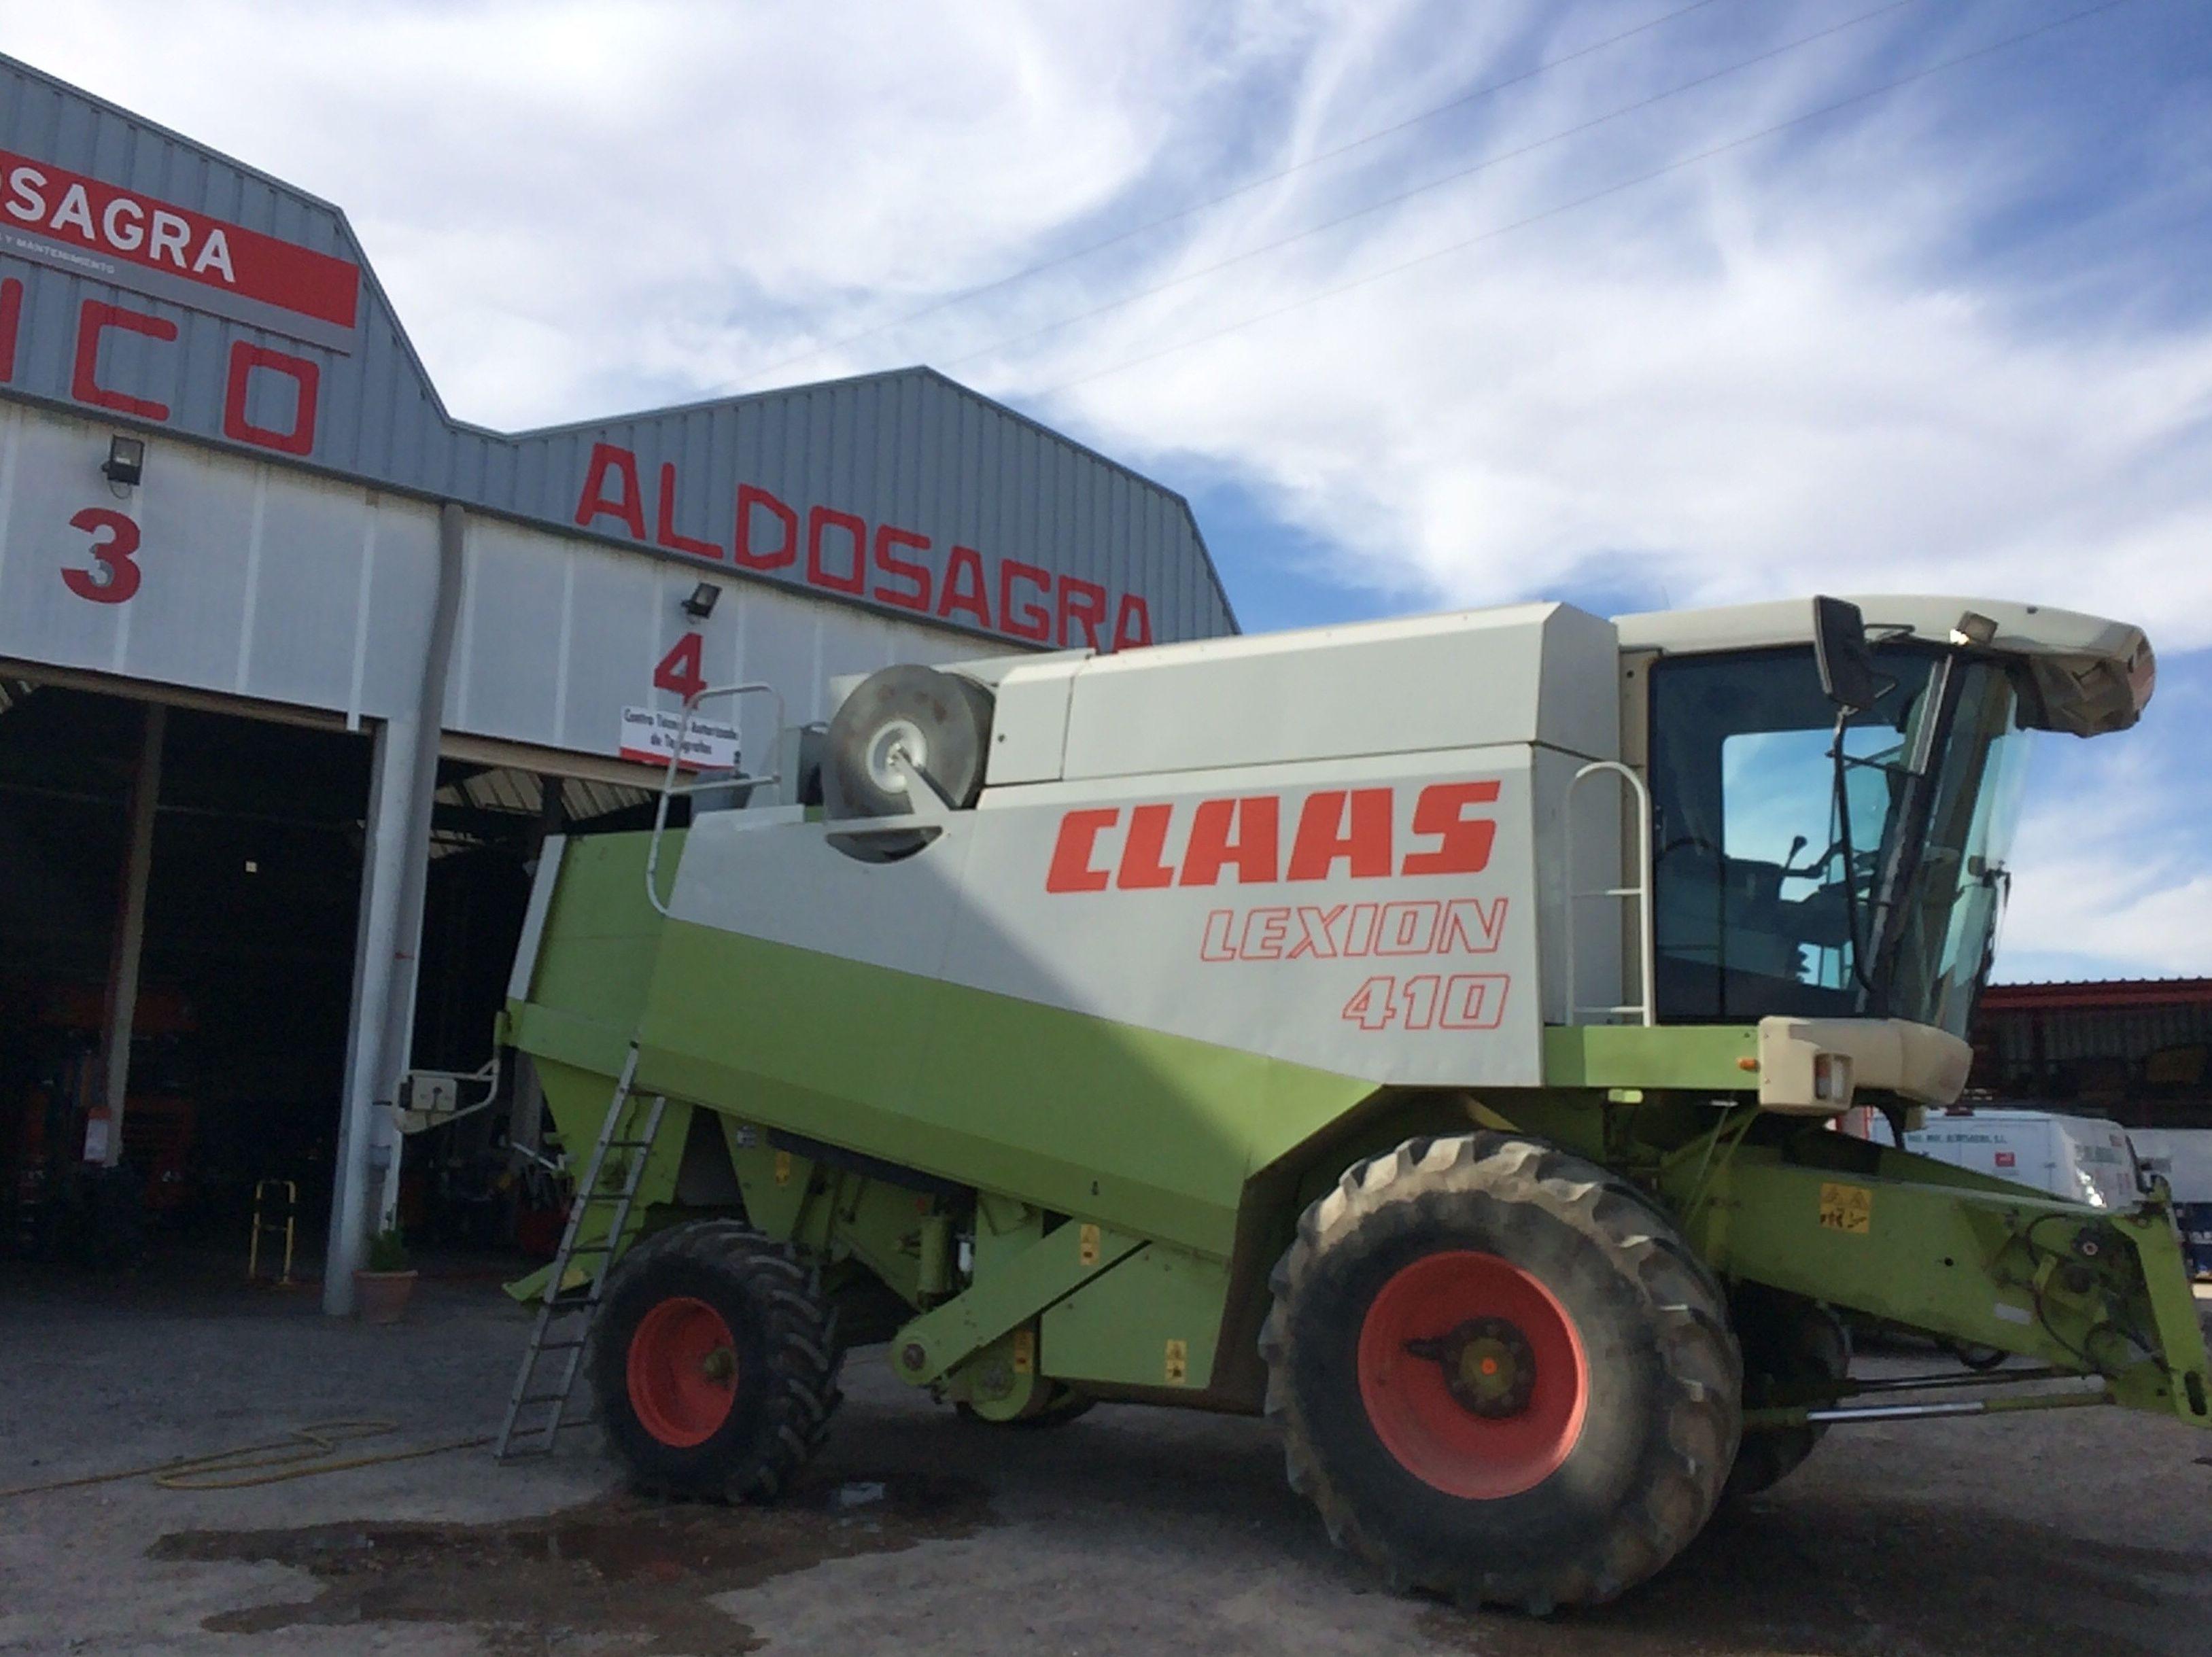 Taller de vehículos agrícolas y M.O.P: Servicios de Talleres Aldosagra